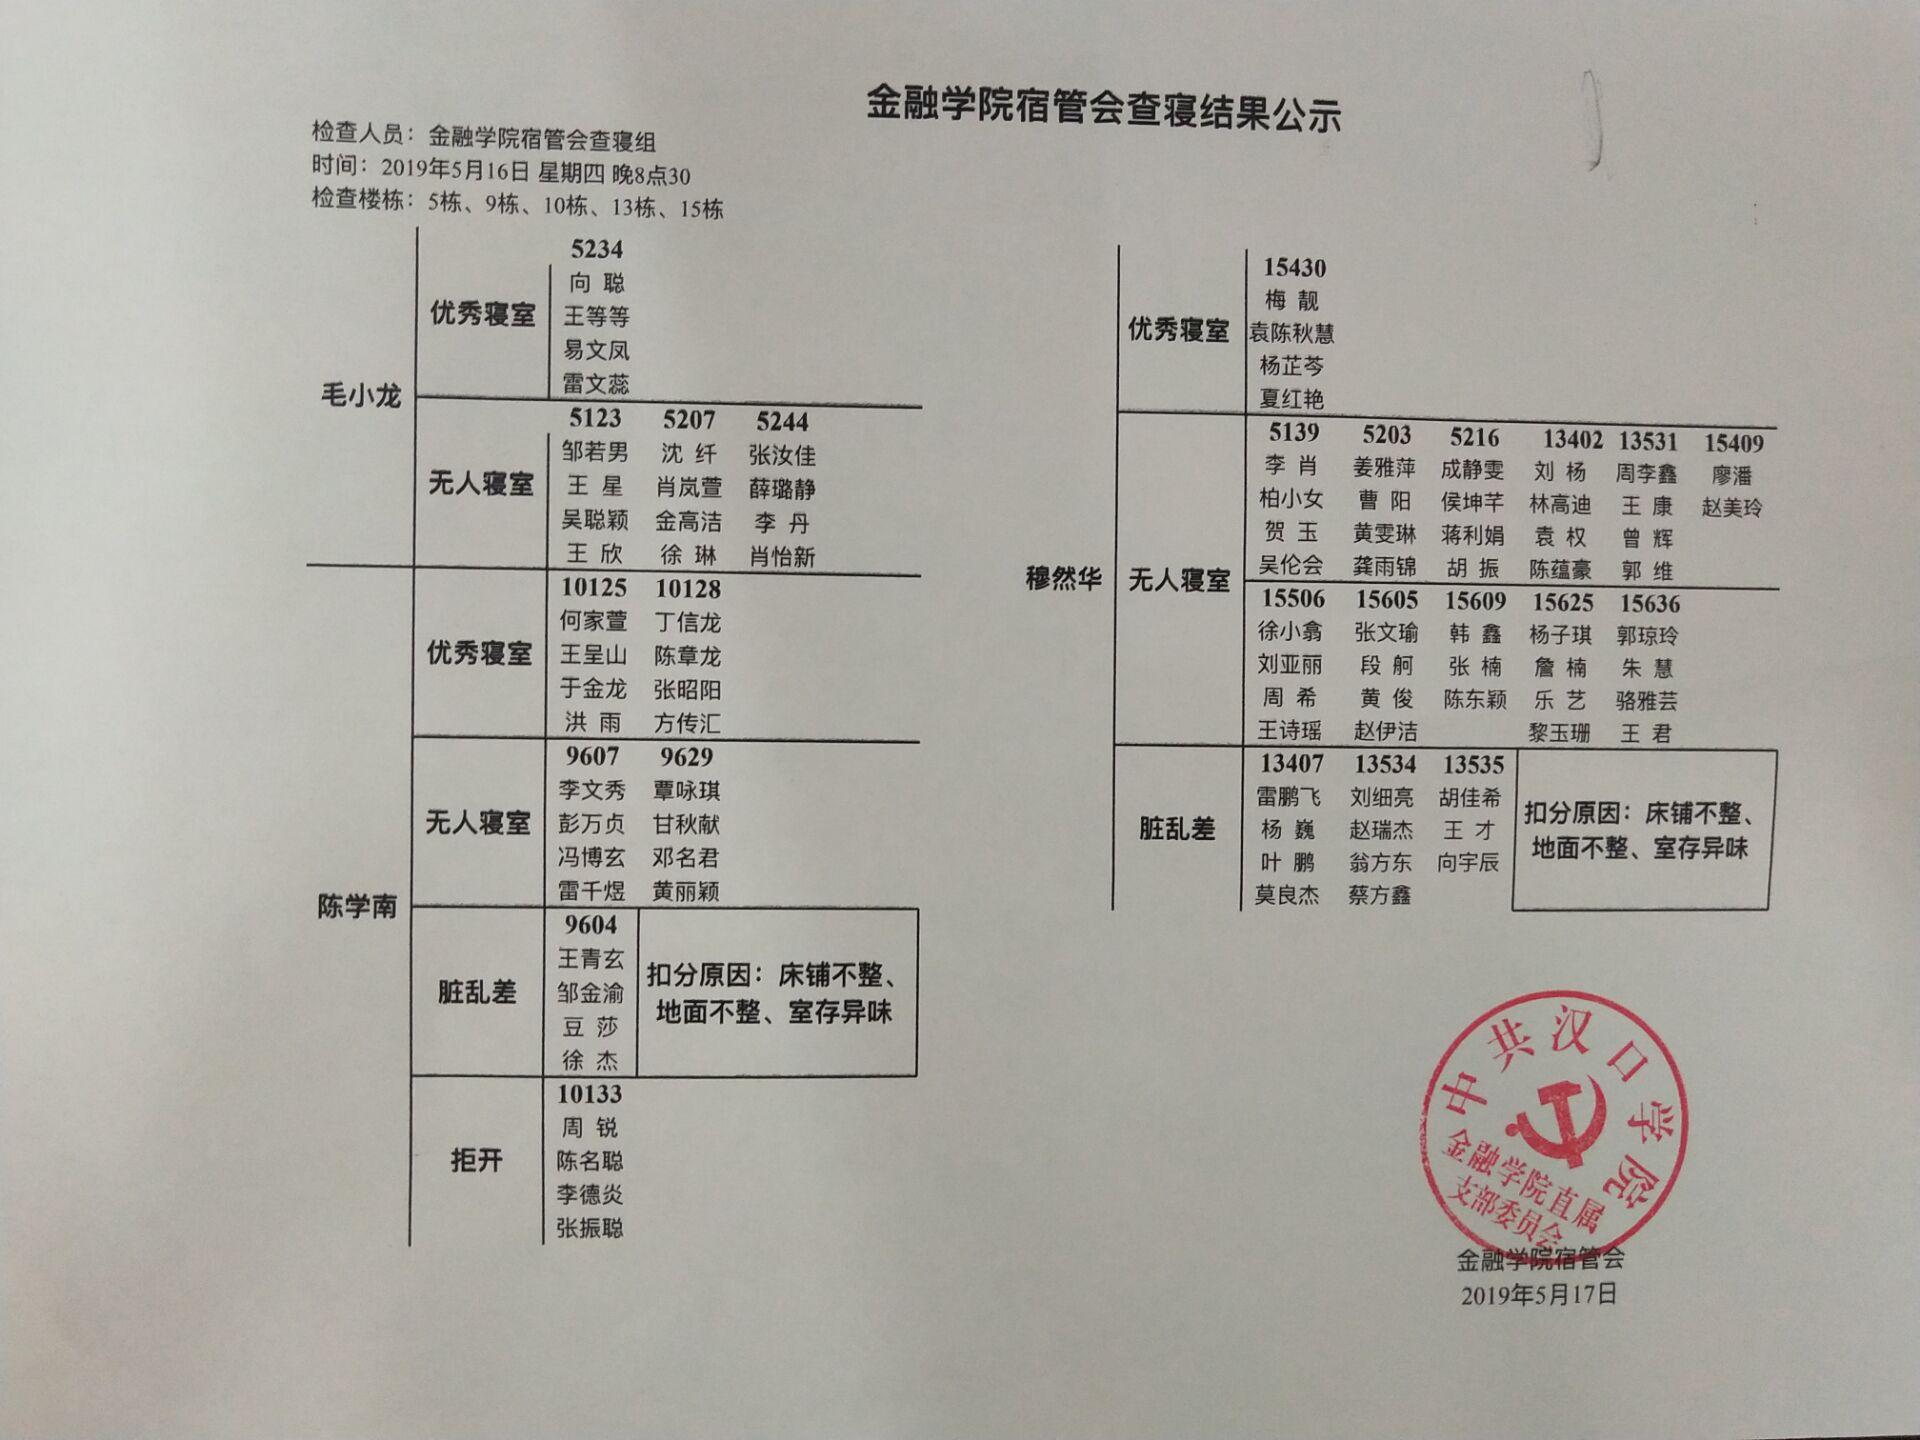 A39B3CBC914038675FAA990E9E694E3D.jpg